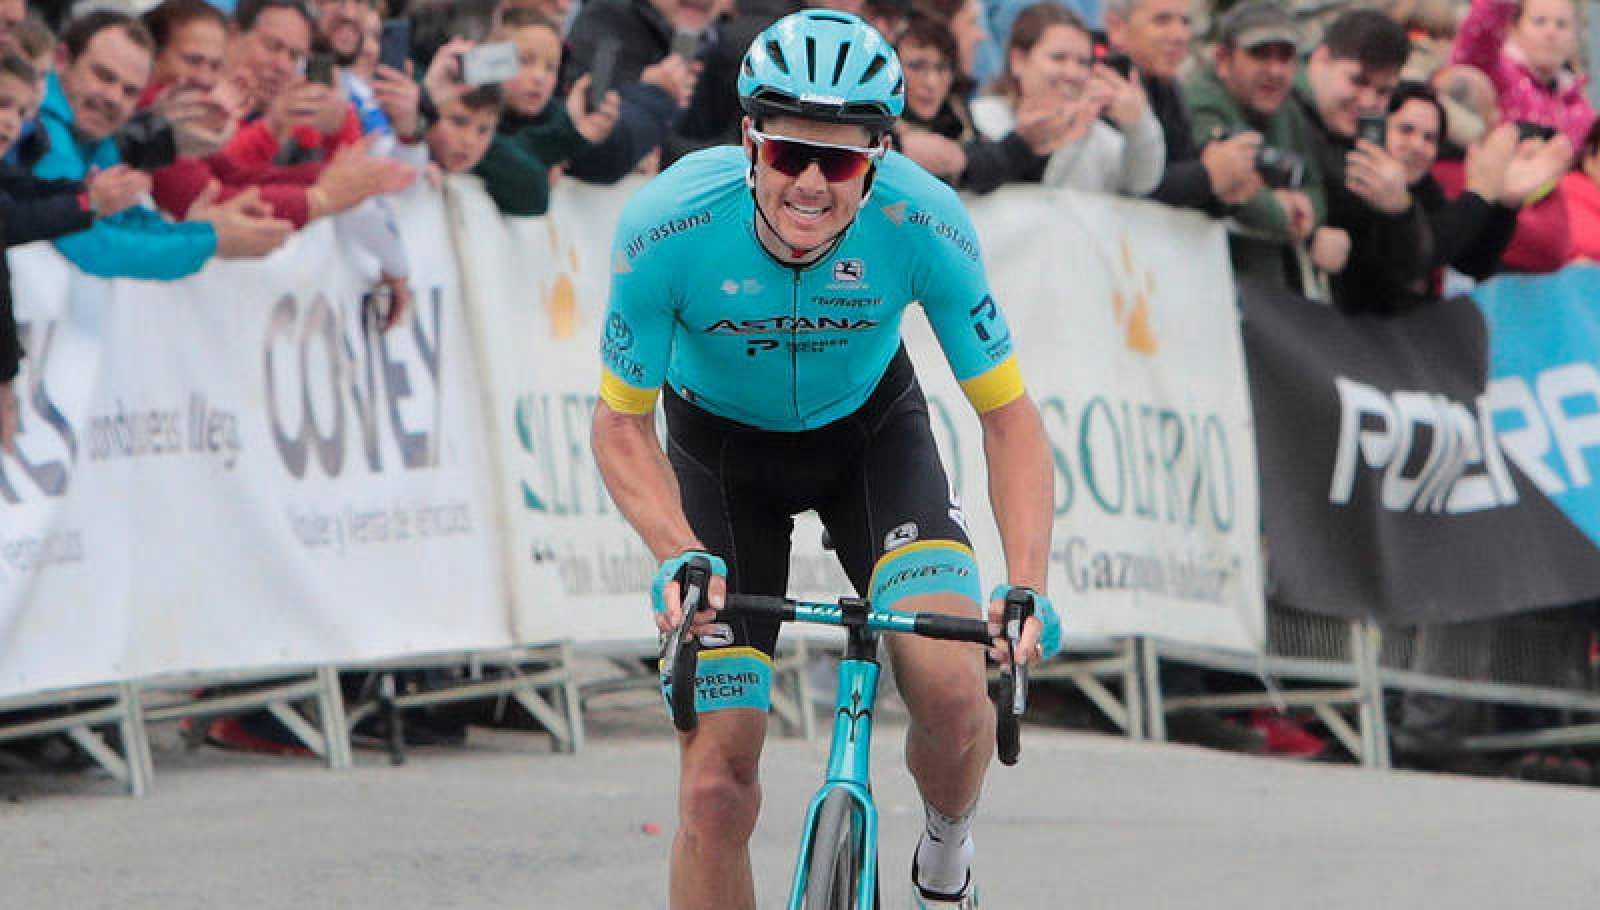 El danés Jakob Fuglsang (Astaná), en la pasada Vuelta a Andalucía.